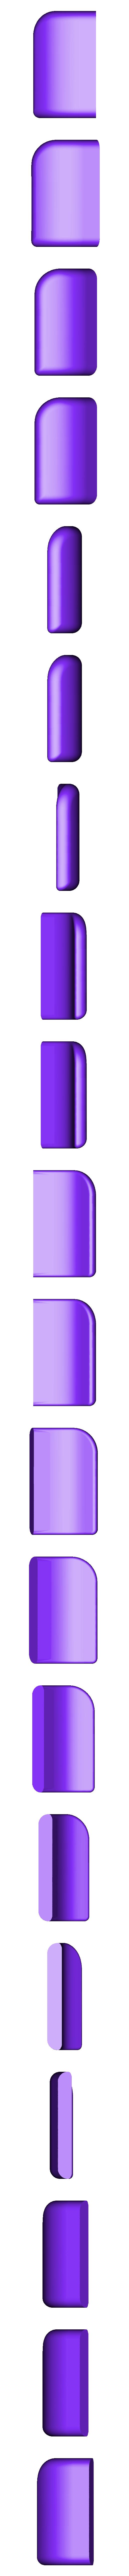 Front_Fender_Right.stl Télécharger fichier 3MF gratuit LIMACE MÉTALLIQUE - NOP-03 SARUBIE • Plan imprimable en 3D, FreeBug